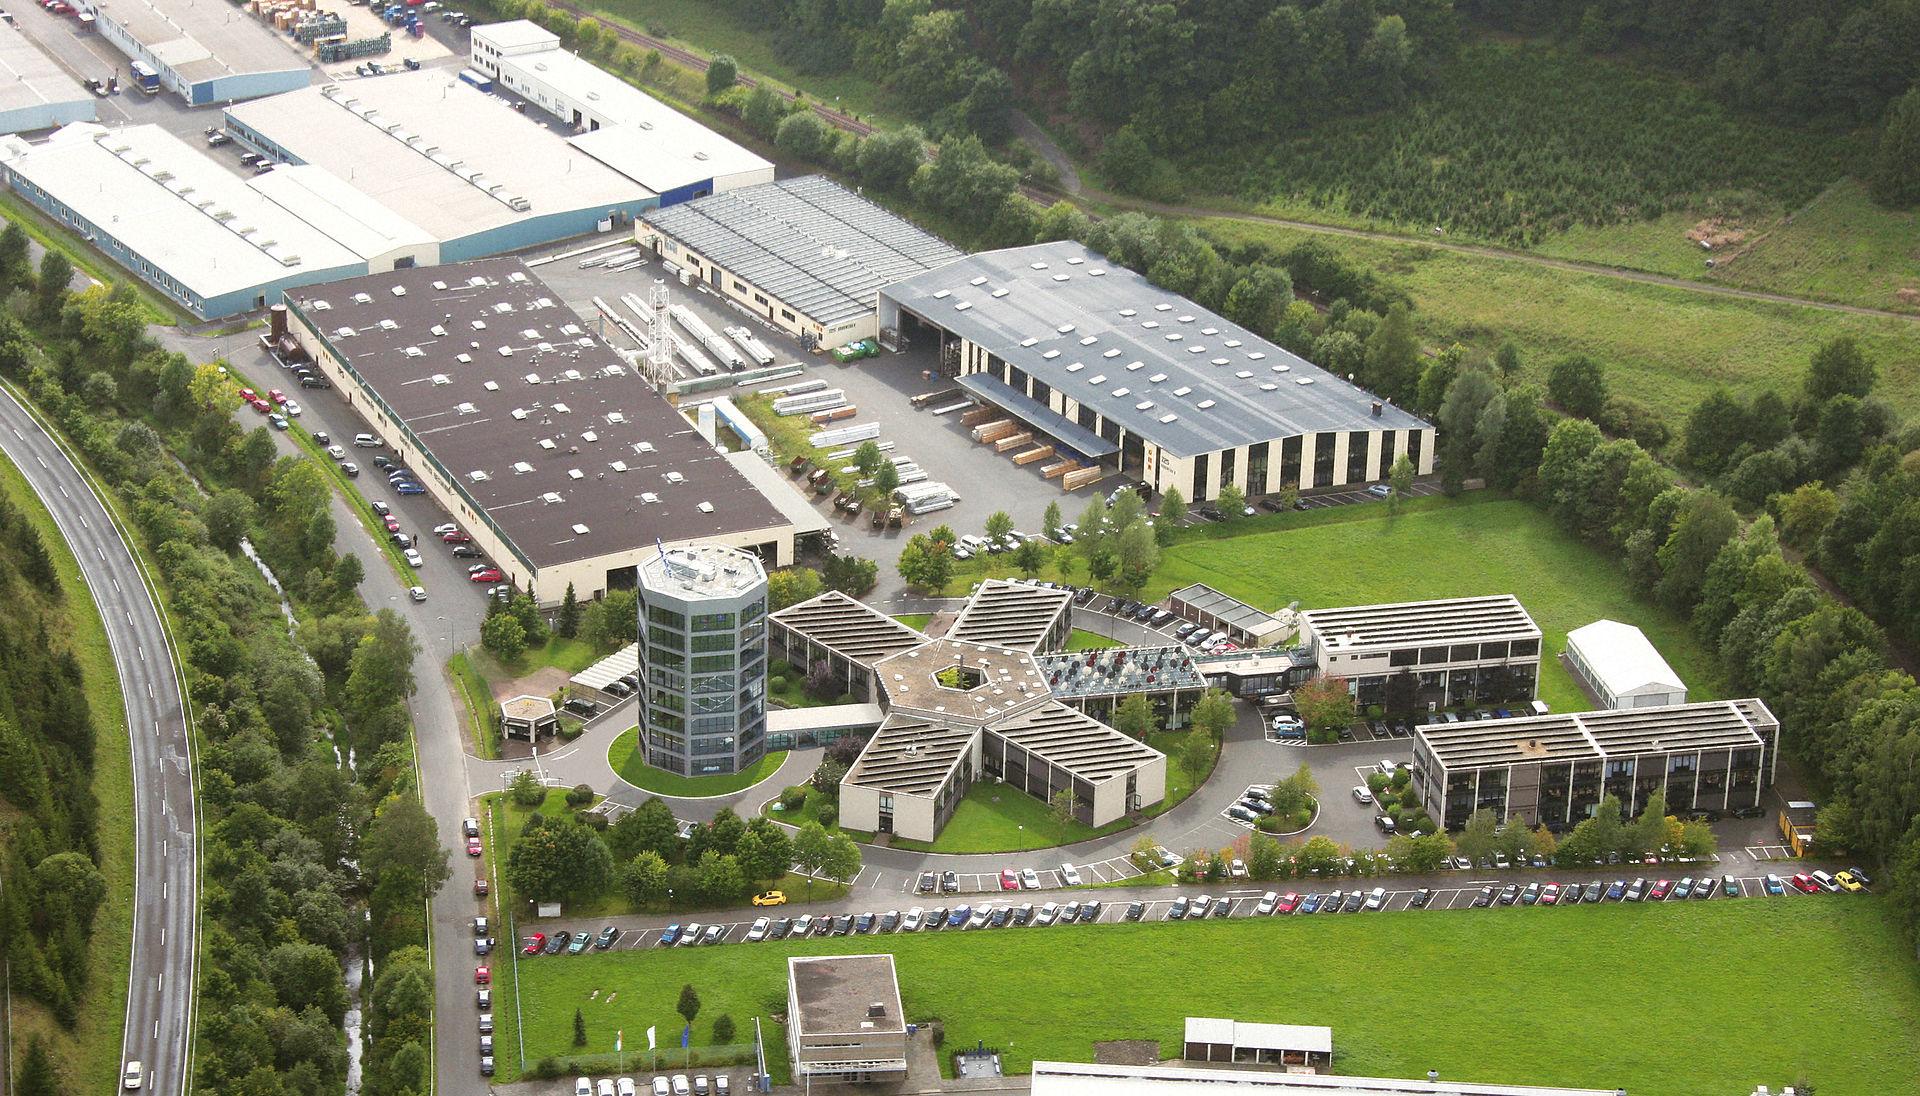 Der Technisat Hauptsitz in Daun, Rheinlandpfalz (Quelle:Wikimedia.org), Technisat